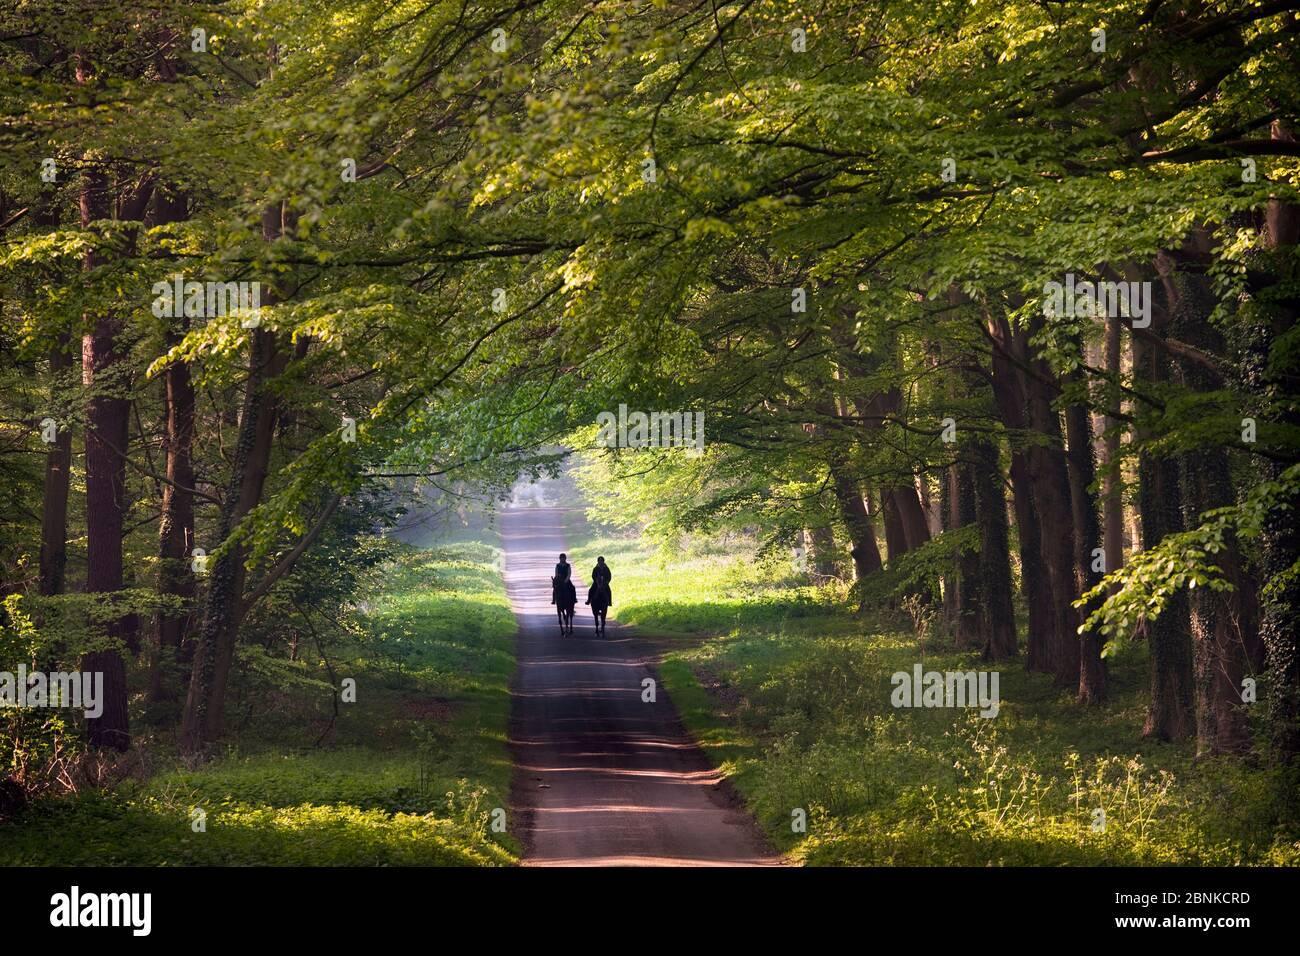 Cavaliers sur la voie de campagne à travers les bois, Holkham, Norfolk, Angleterre, Royaume-Uni, mai. Banque D'Images